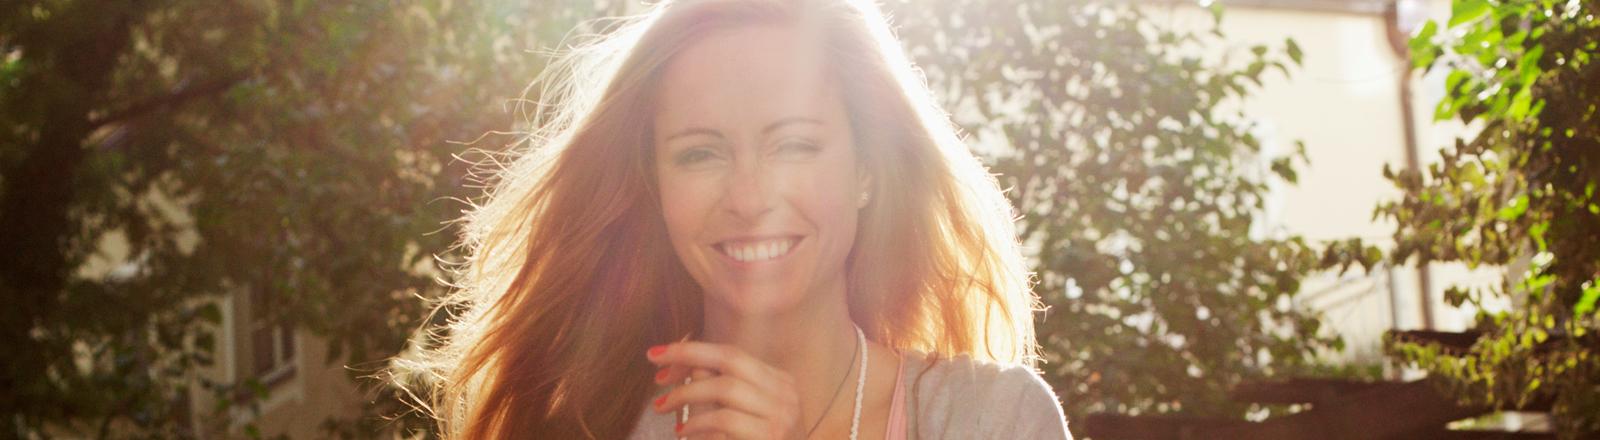 Christin Henkel steht im Gegenlicht und lacht, im Hintergrund sind ein Baum und ein Haus zu sehen. Sie hat lange, rötliche Haare.